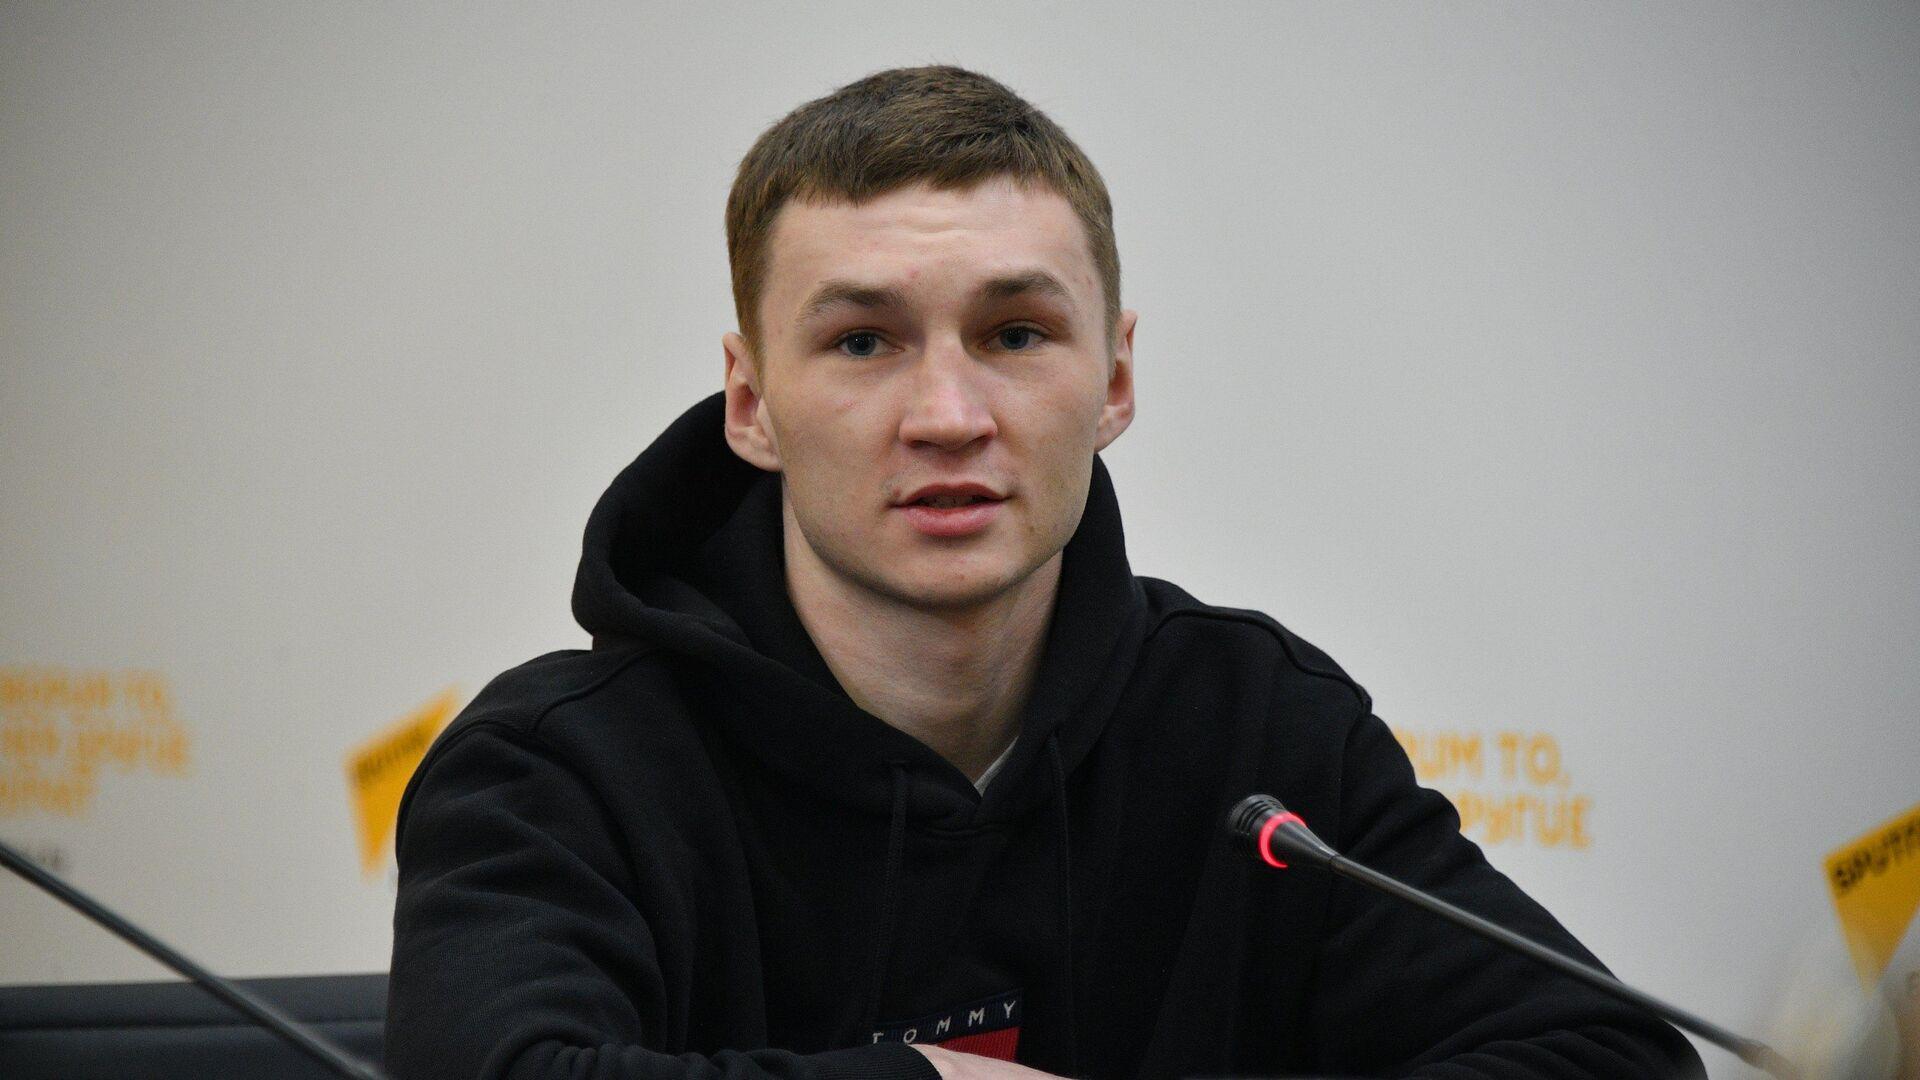 Один из лидеров национальной команды по боксу Дмитрий Асанов - Sputnik Беларусь, 1920, 21.09.2021